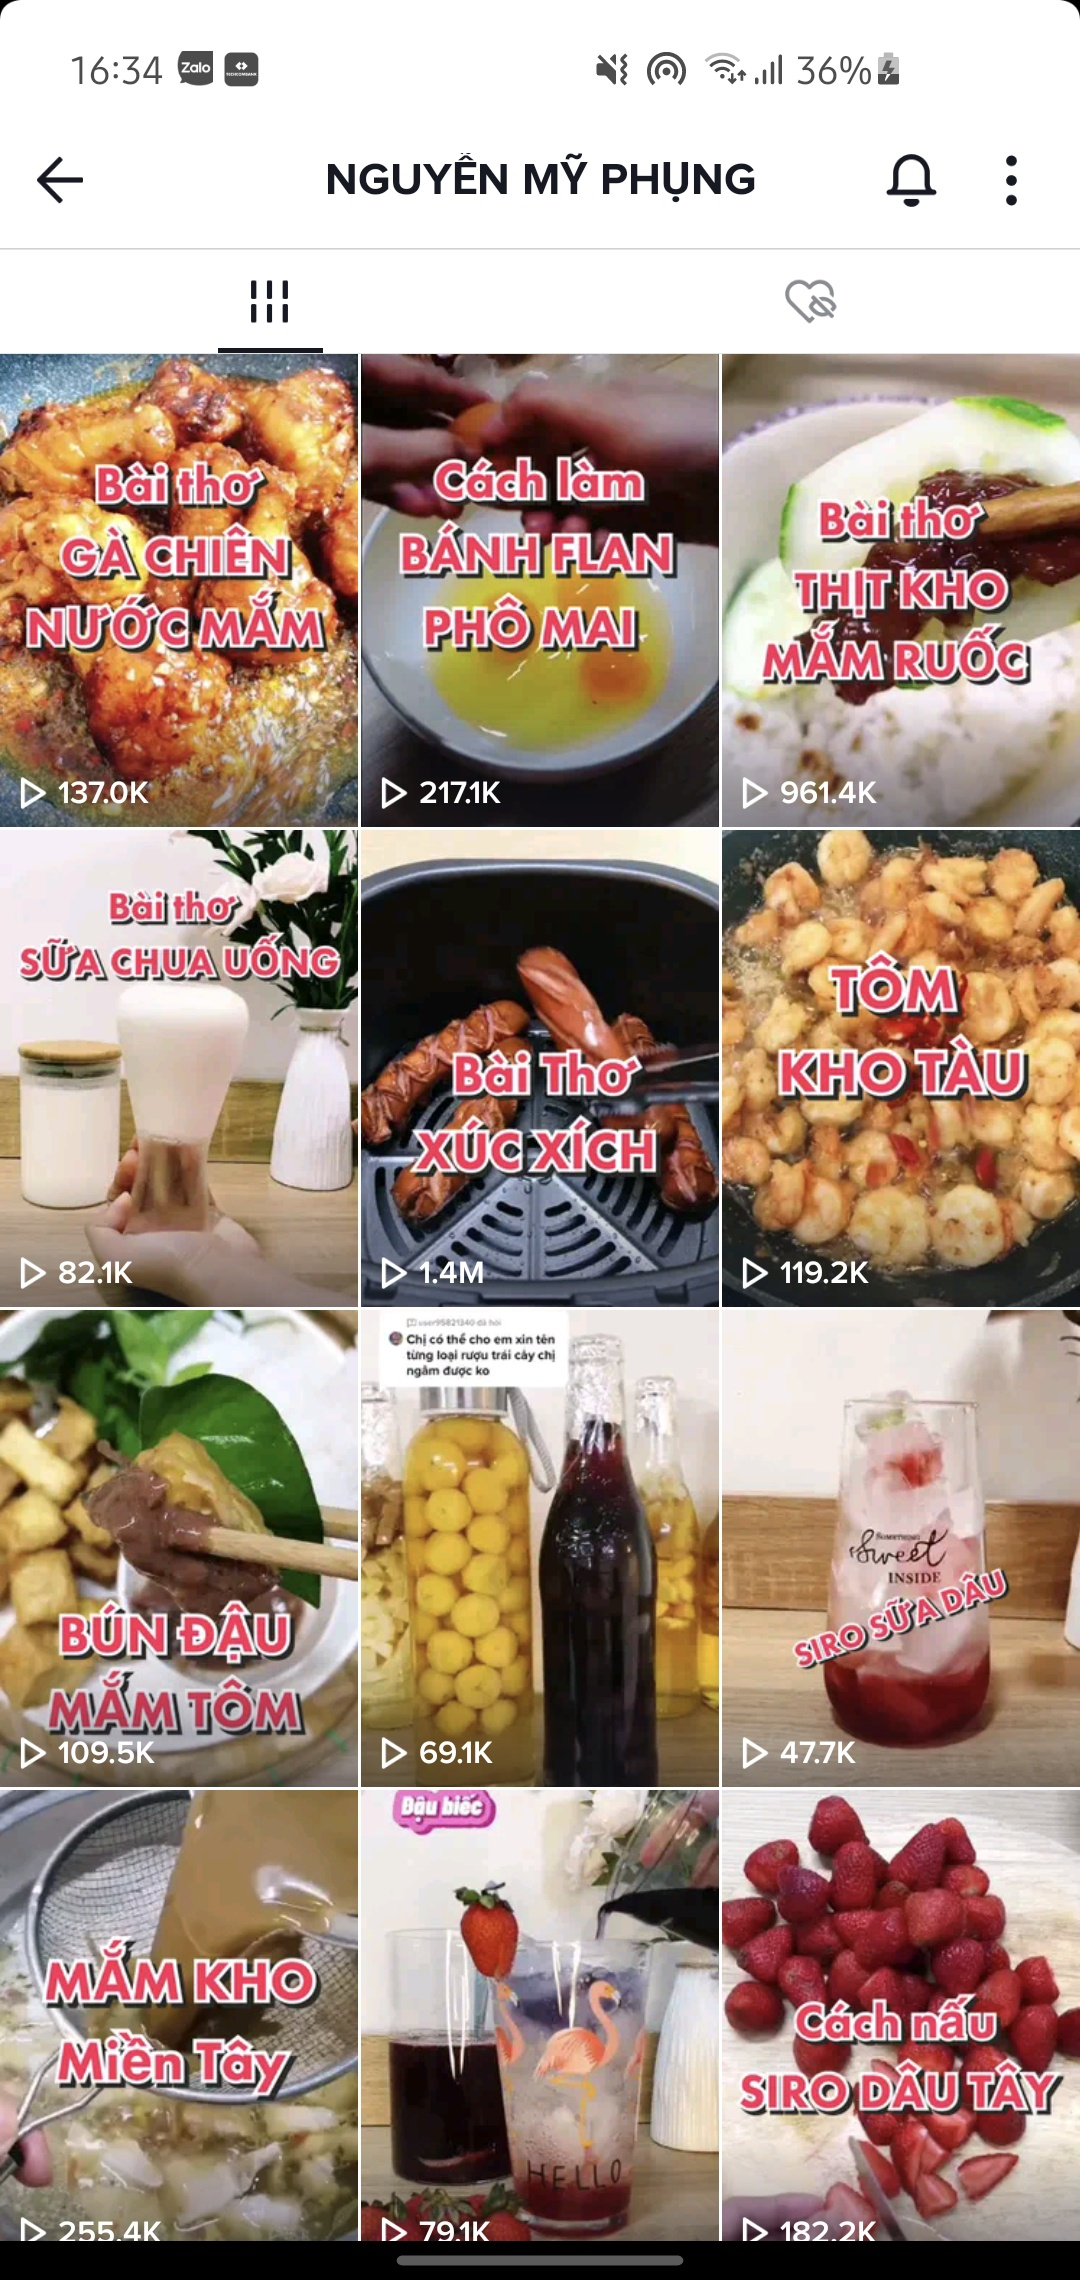 Độc đáo cô gái hướng dẫn nấu ăn… bằng thơ trên TikTok - ảnh 1